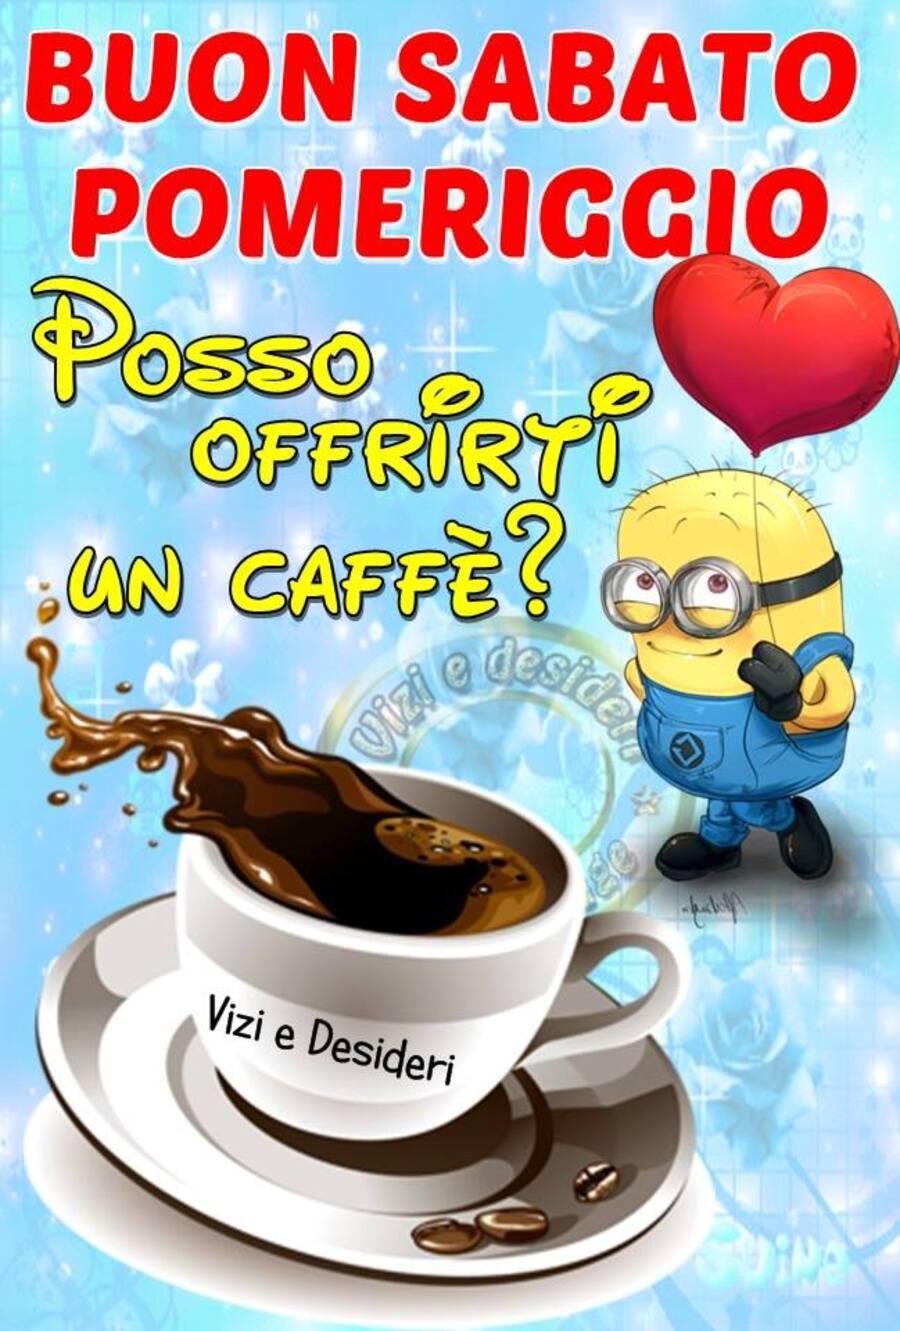 Buon Sabato Pomeriggio Posso offrirti un caffè?